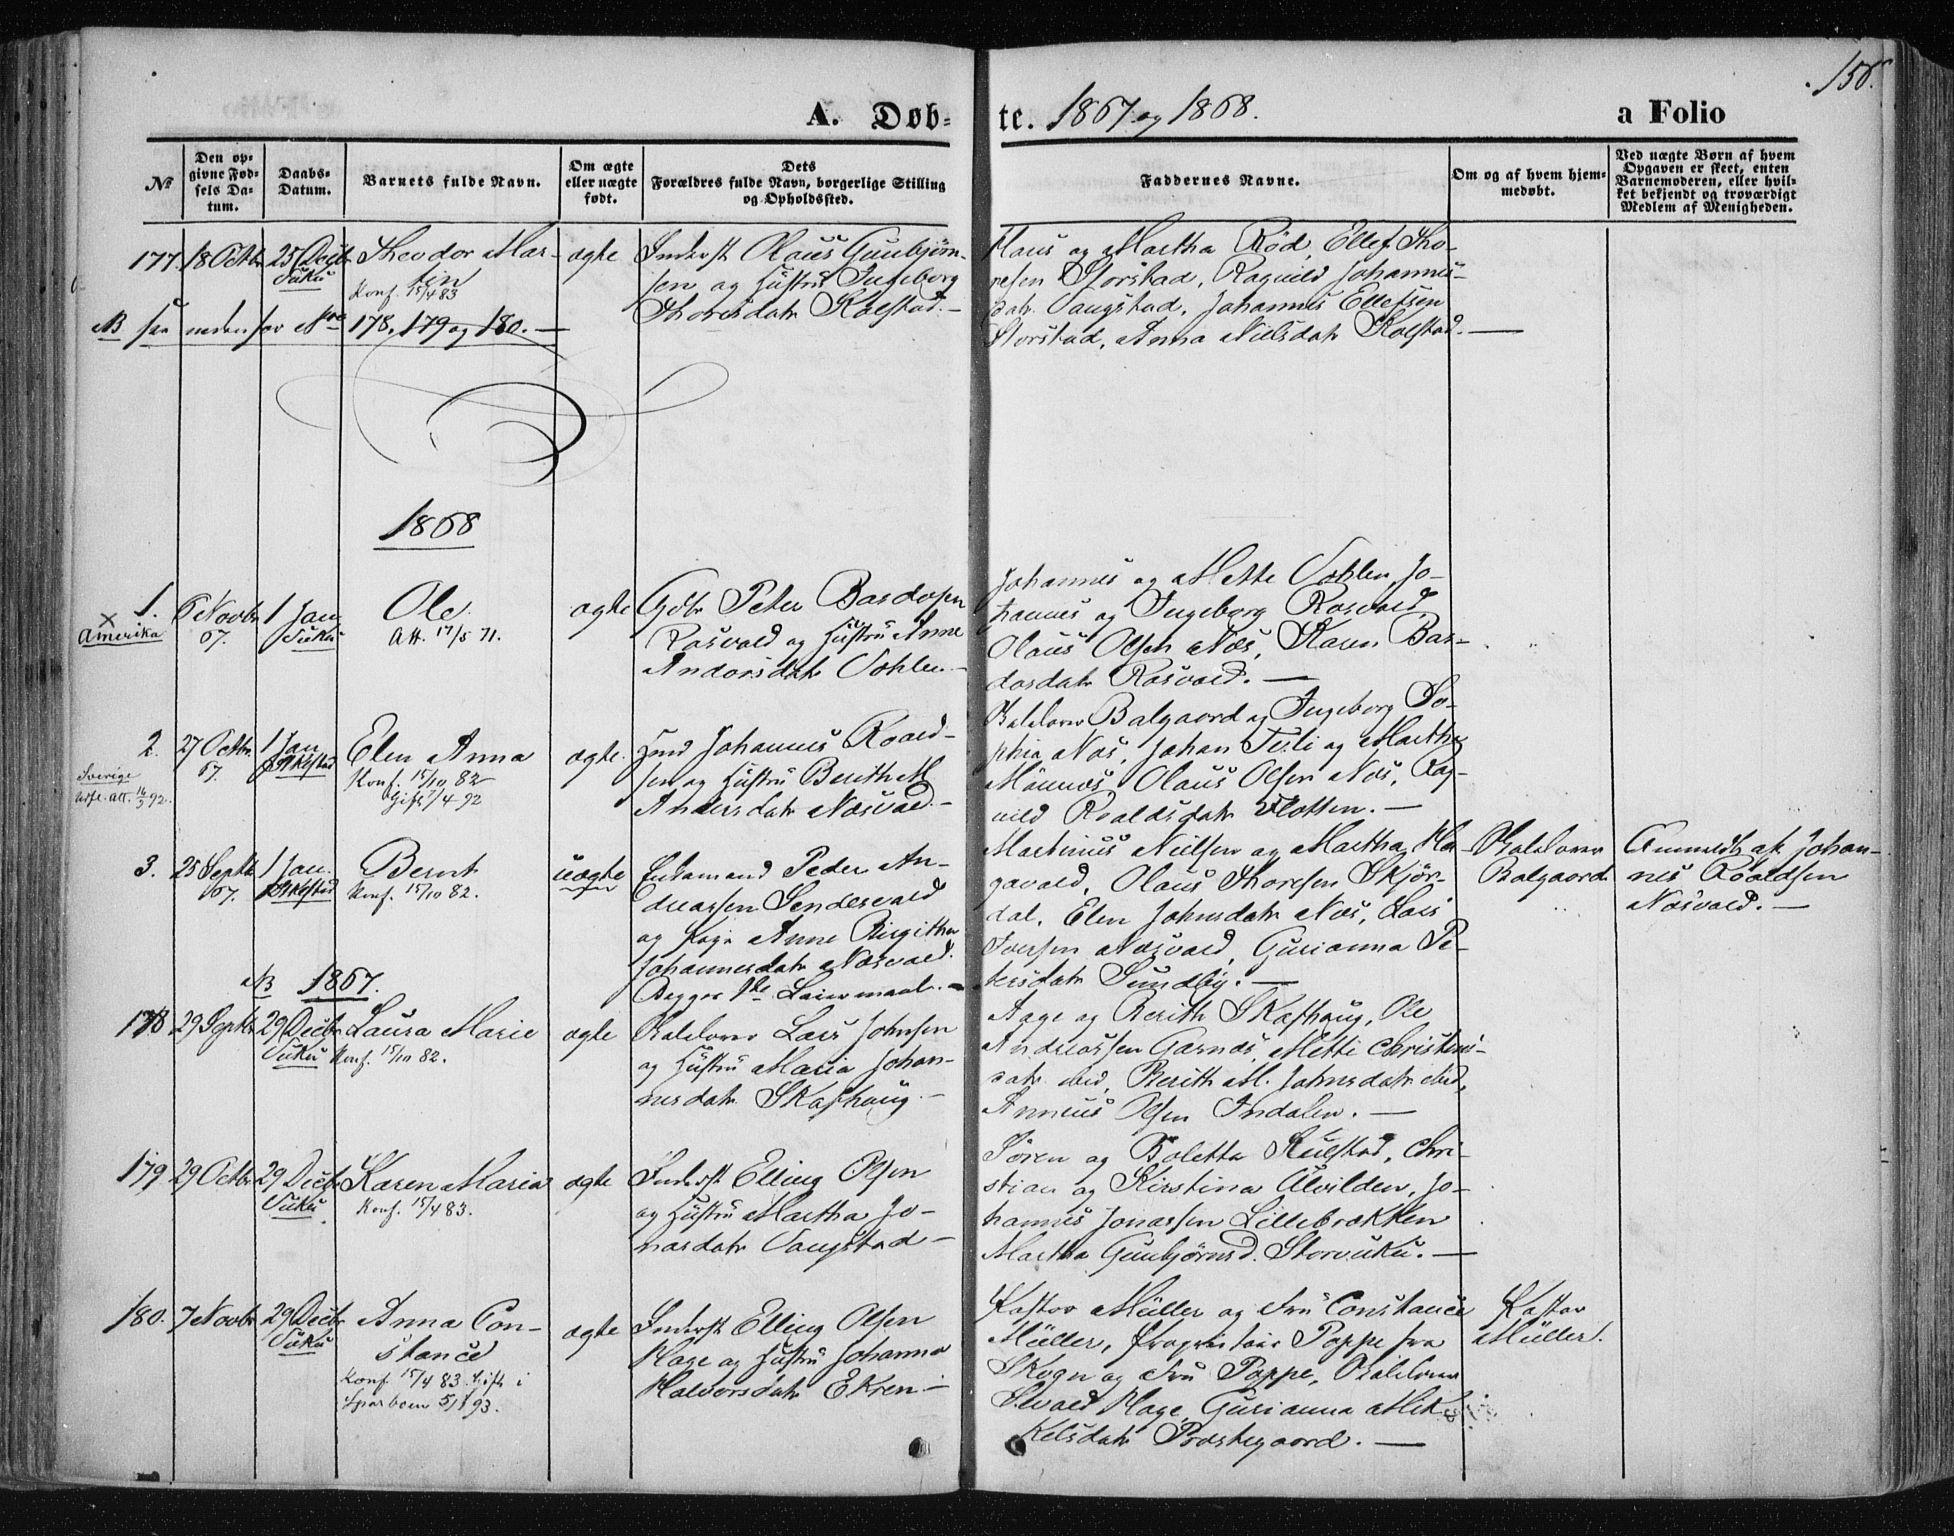 SAT, Ministerialprotokoller, klokkerbøker og fødselsregistre - Nord-Trøndelag, 723/L0241: Ministerialbok nr. 723A10, 1860-1869, s. 156